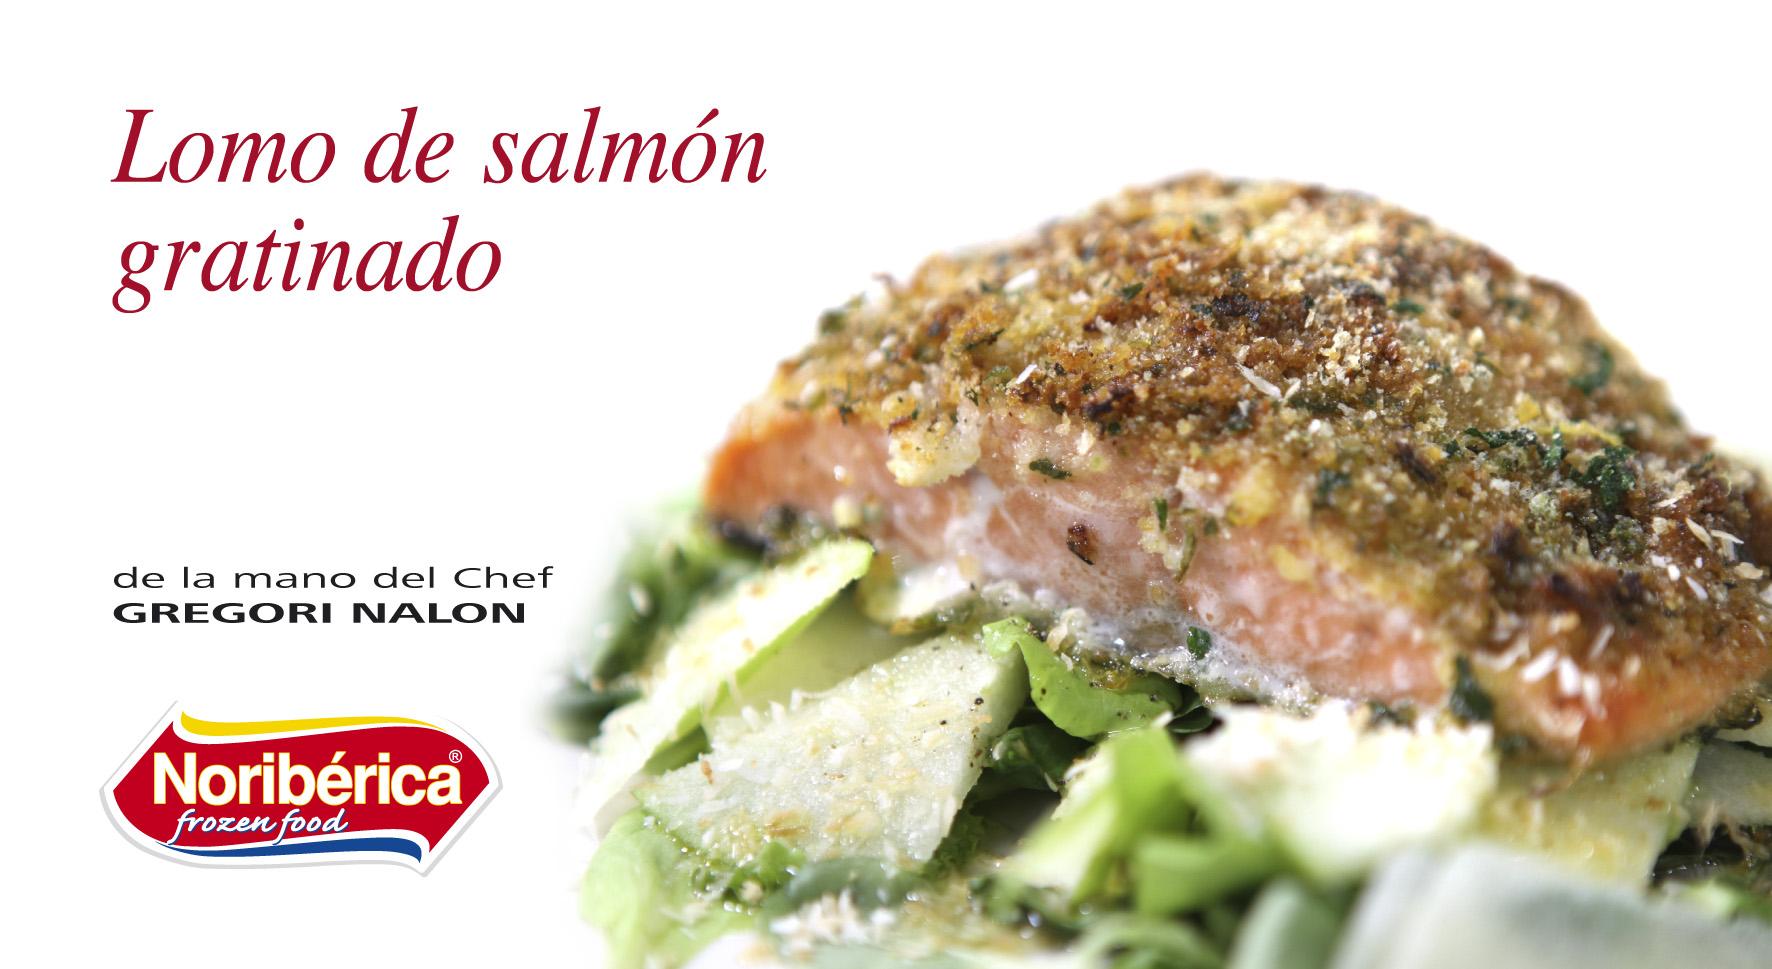 lomo de salmon gratinado